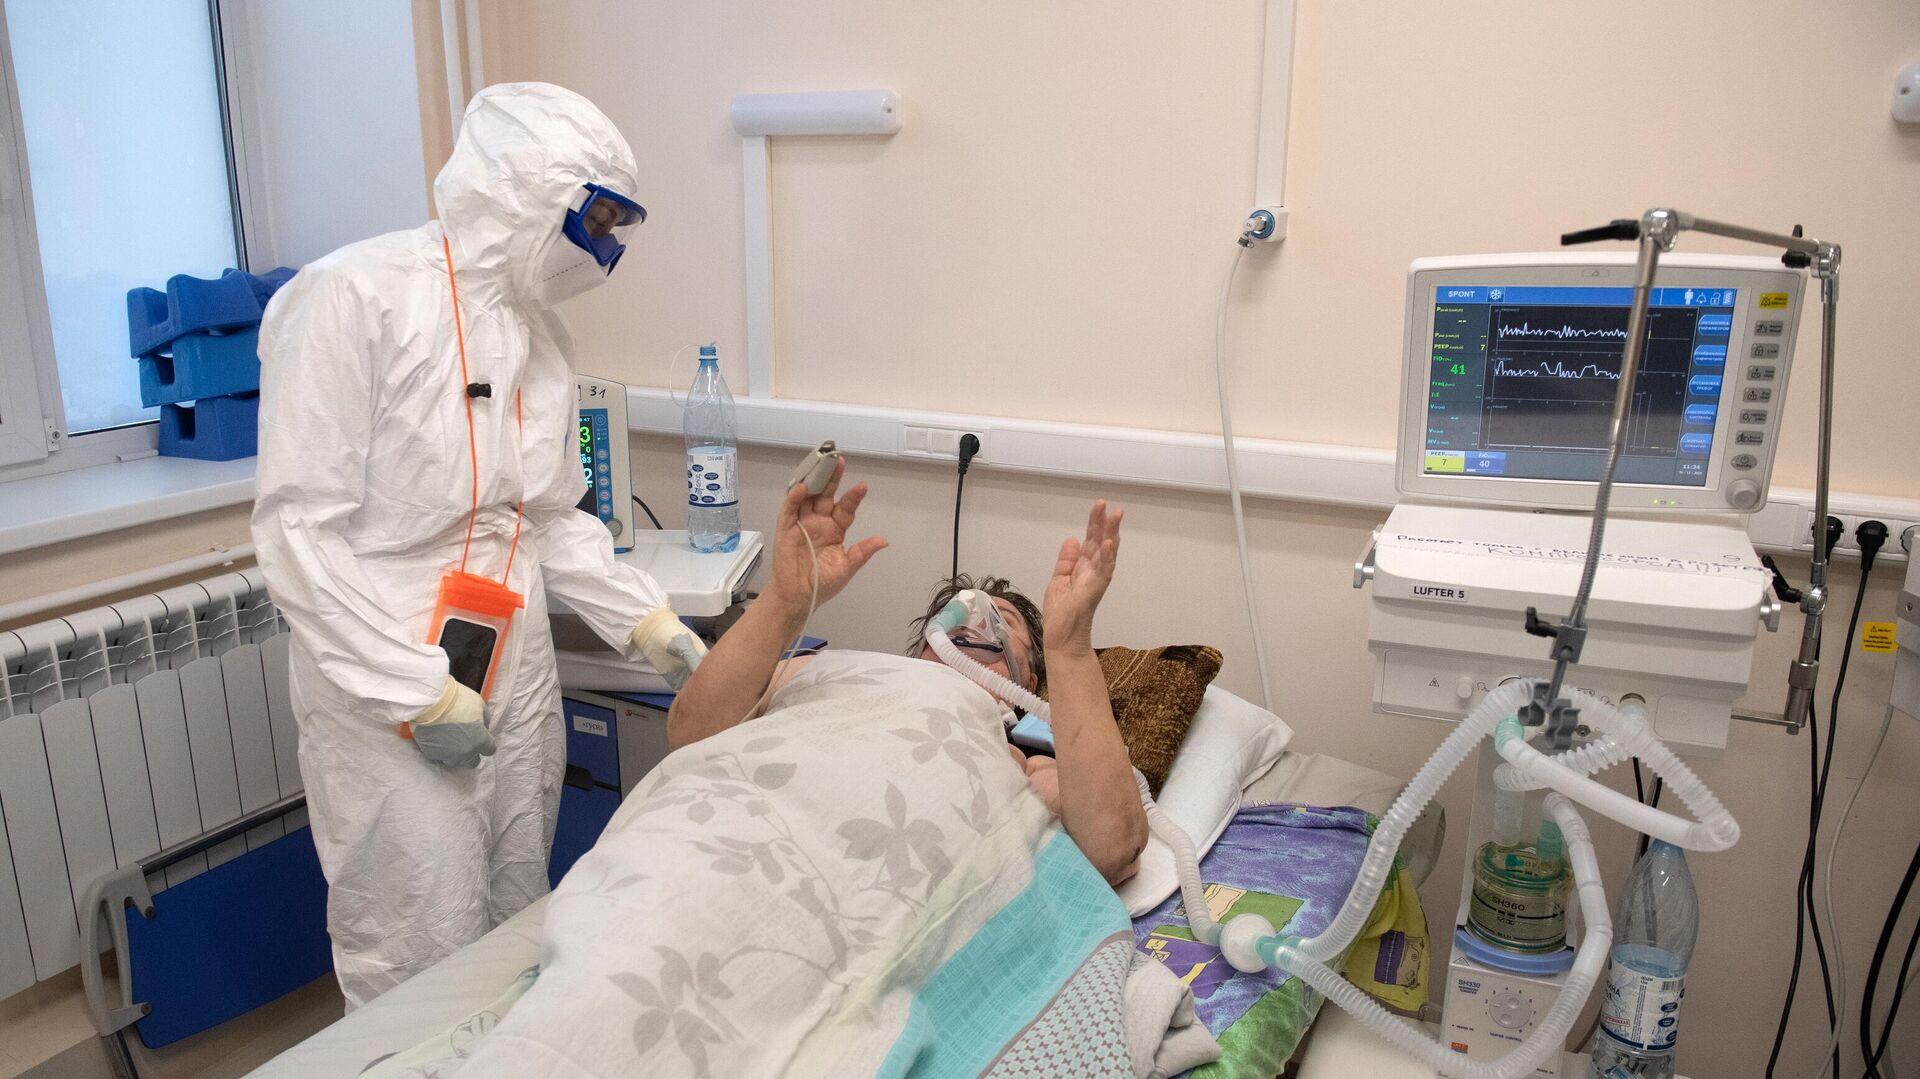 Медицинский работник общается с пациентом в госпитале для лечения больных COVID-19 в Тверской областной больнице - РИА Новости, 1920, 17.12.2020